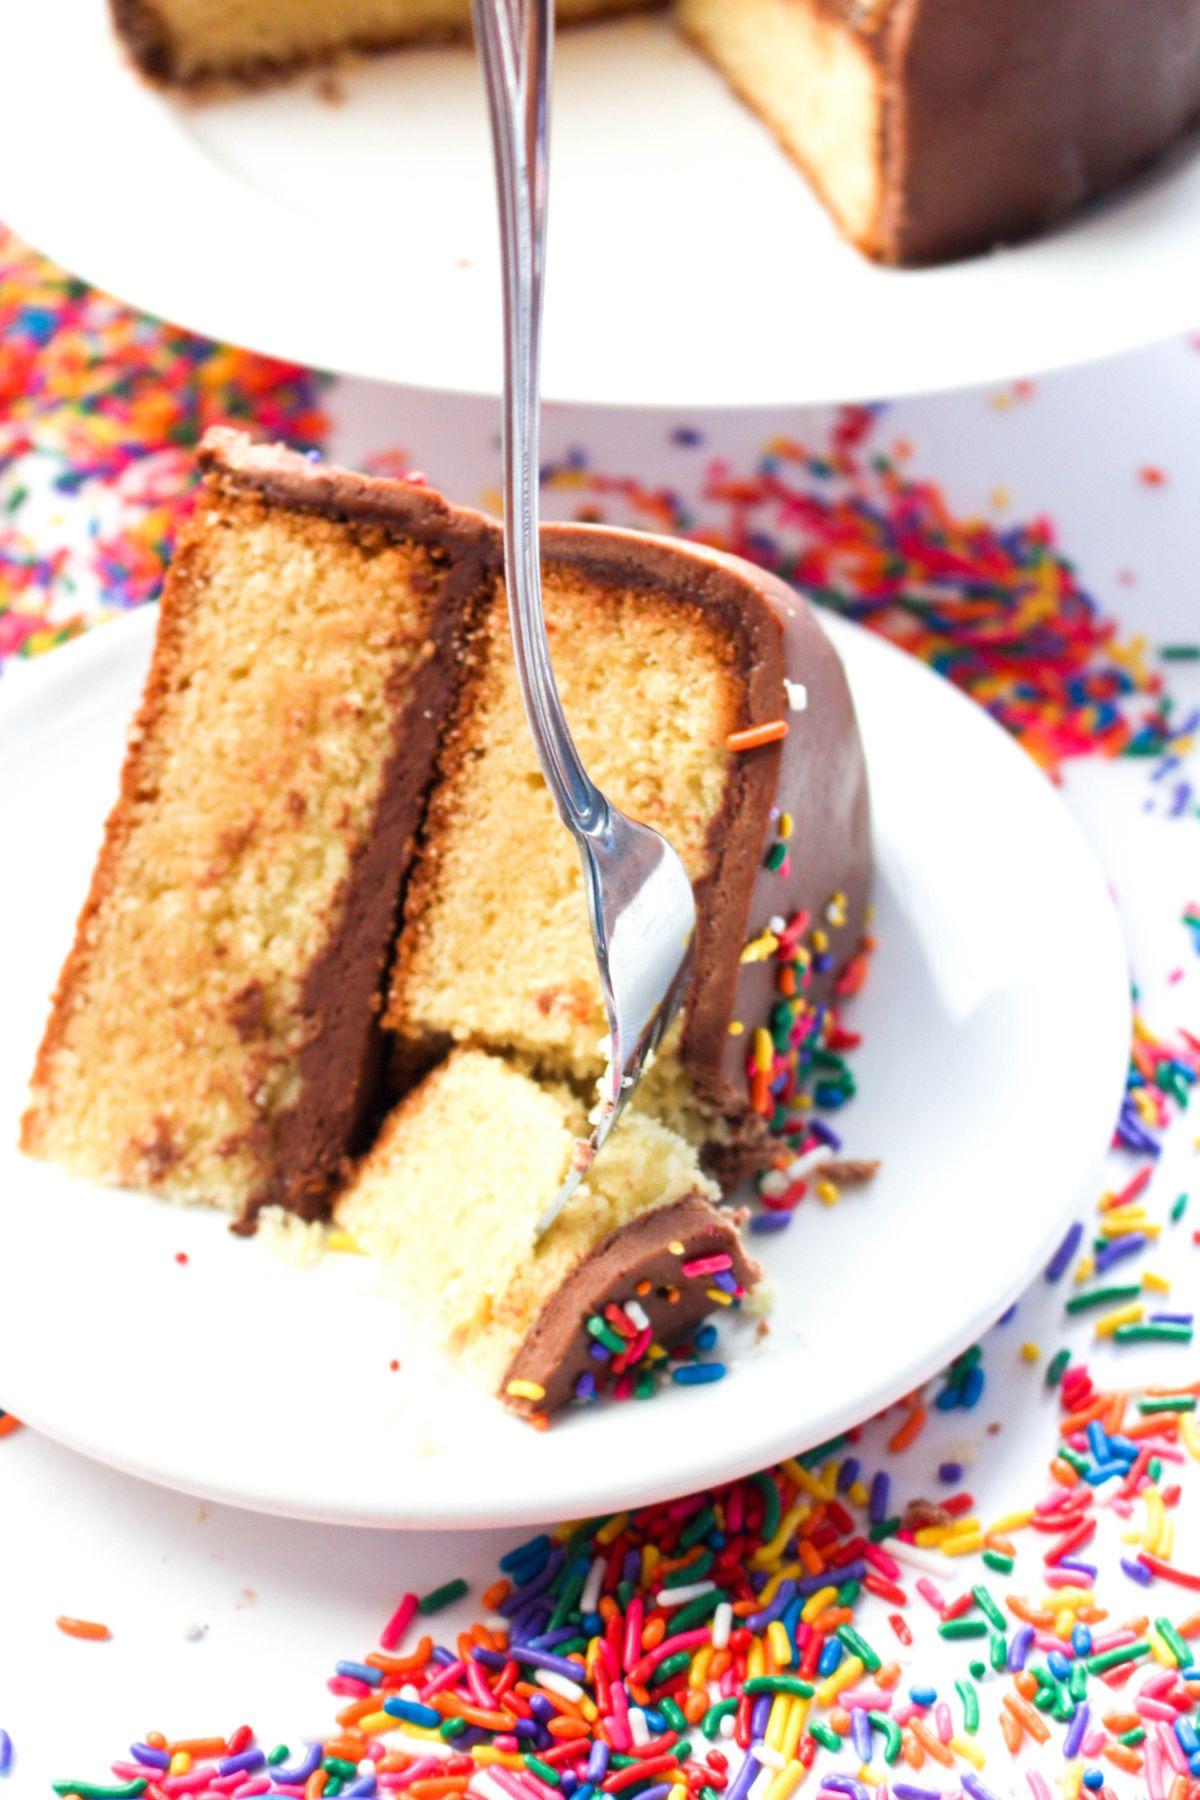 Delicious fondant birthday cake